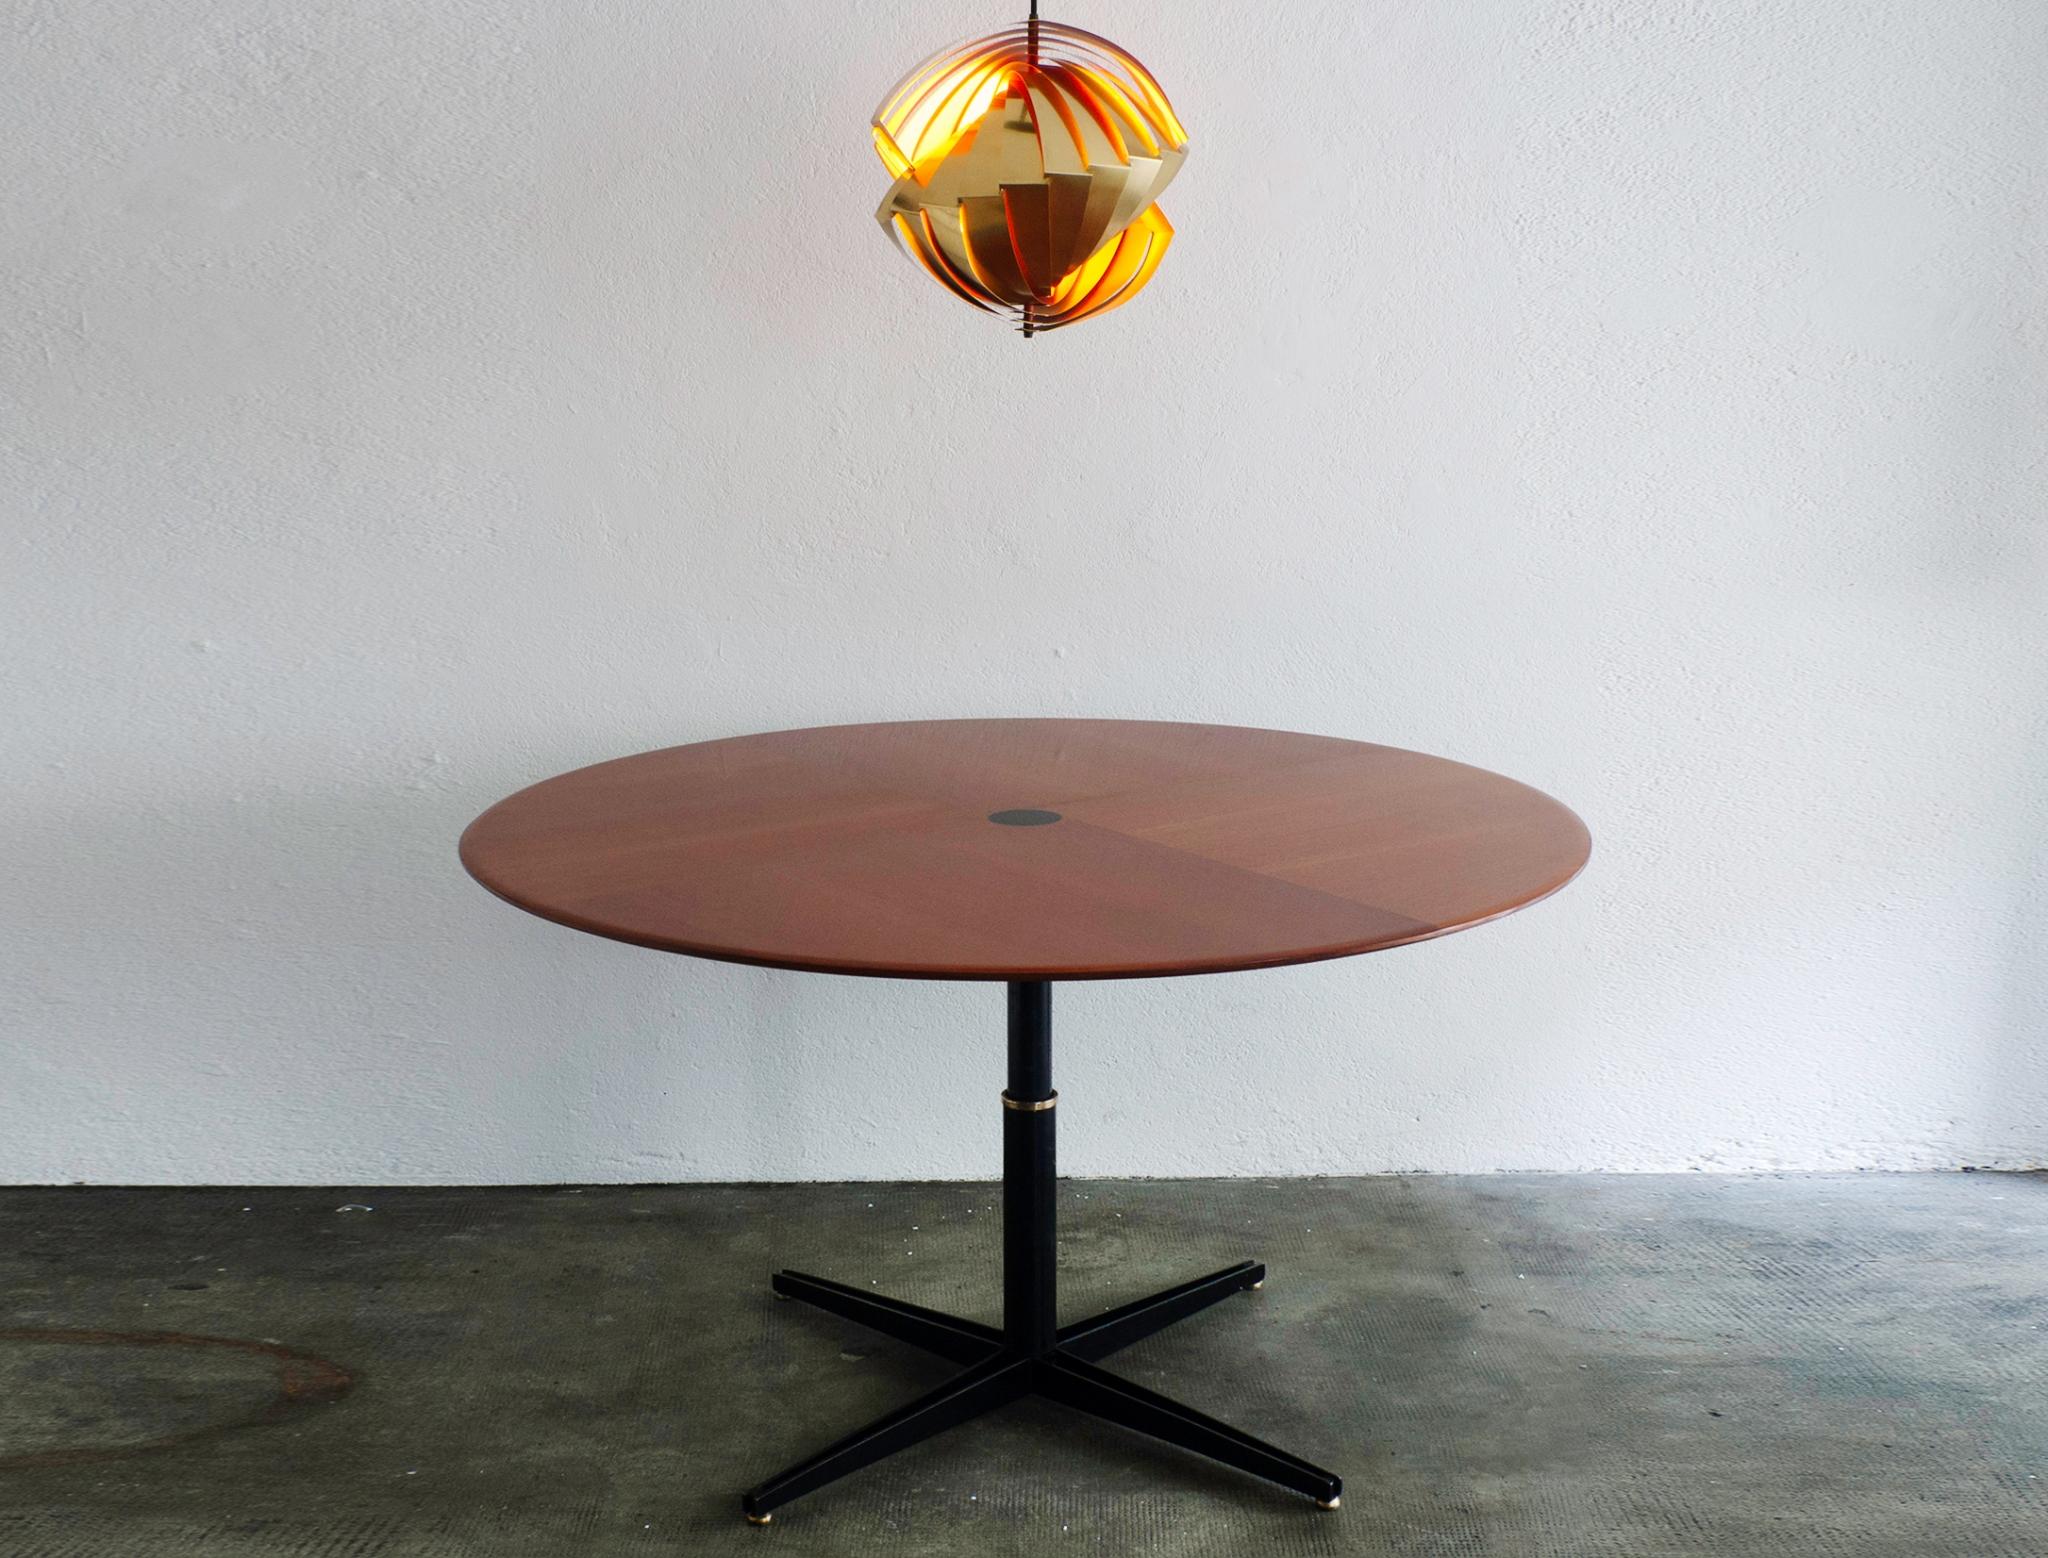 t41-adjustable-table-by-osvaldo-borsani-image-01